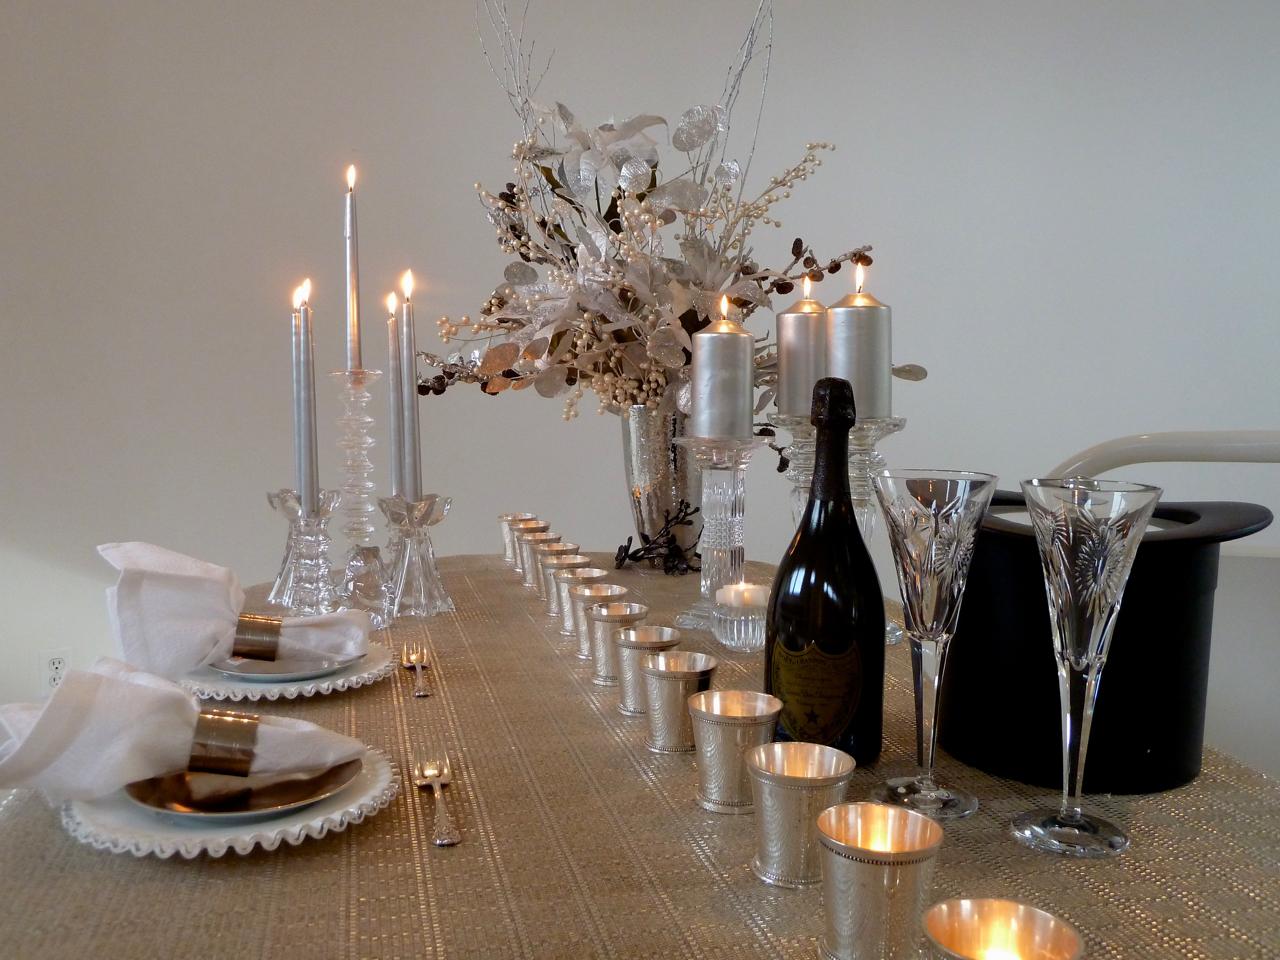 cindi_silver&white_tablesettings_spiritedtable-photo1.jpg